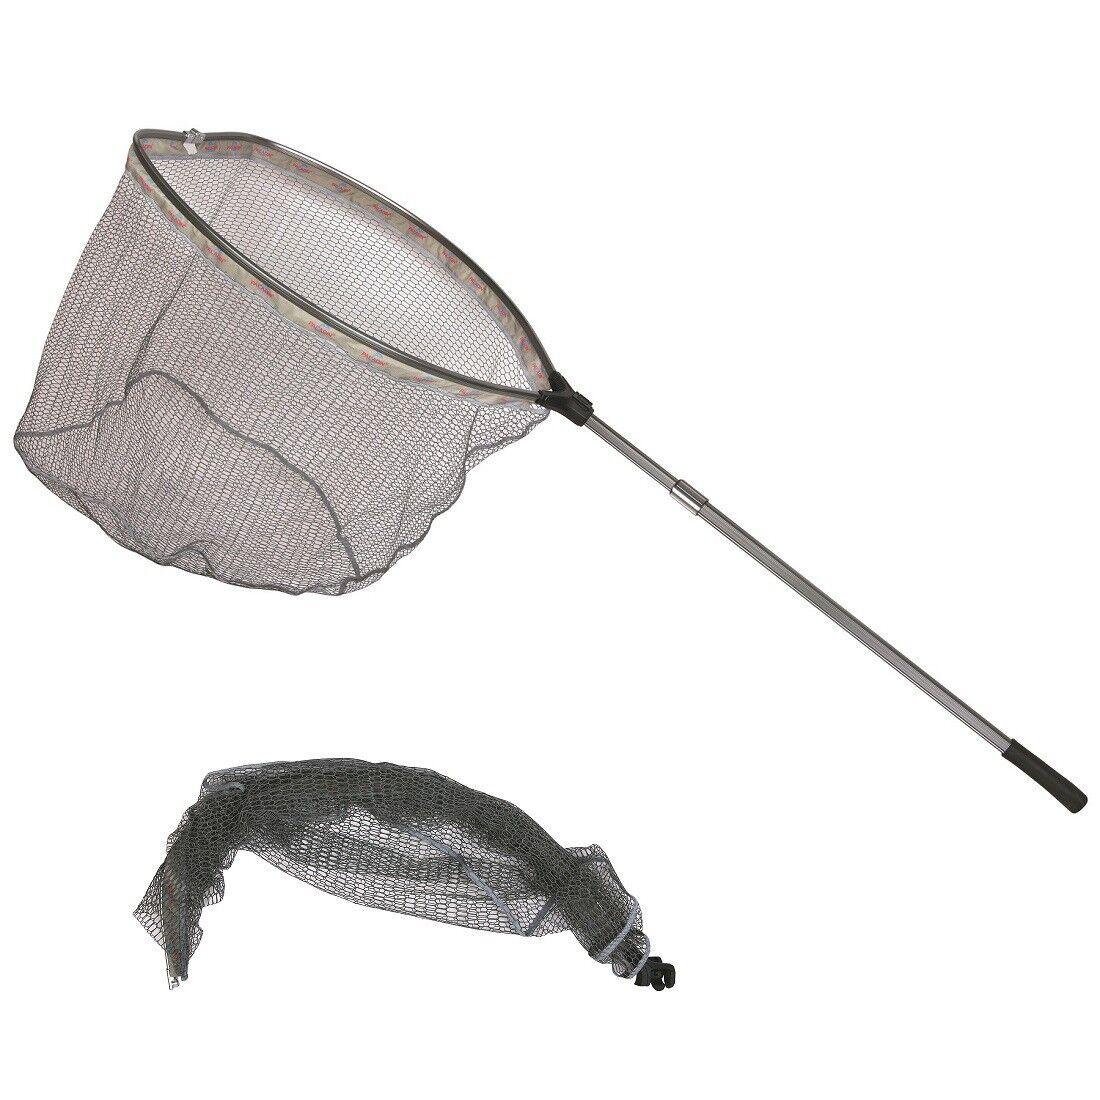 Paladin Pro Hamen Gigant Kescher gummiert gummiert gummiert 250 cm - 2 x 80 Groß-Kescher stabil 32dc21